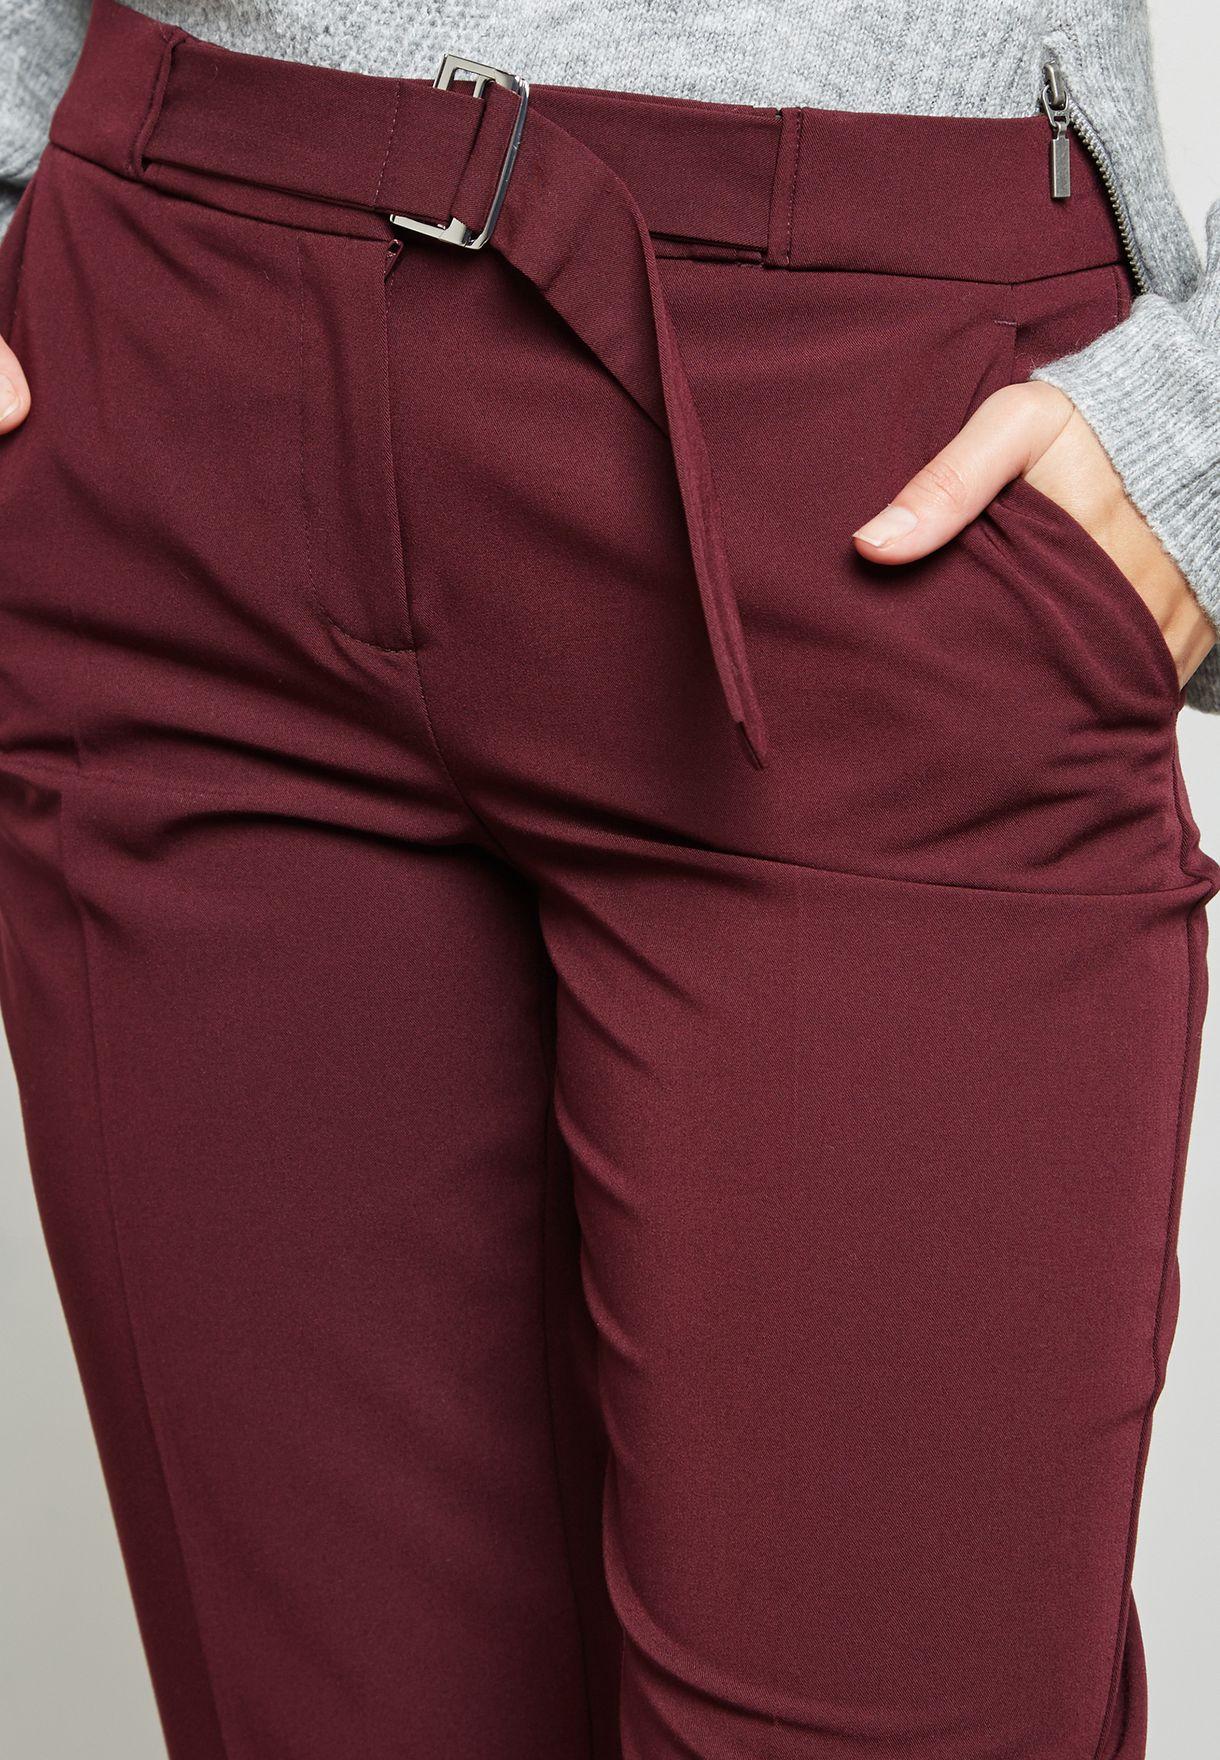 Peg Pants